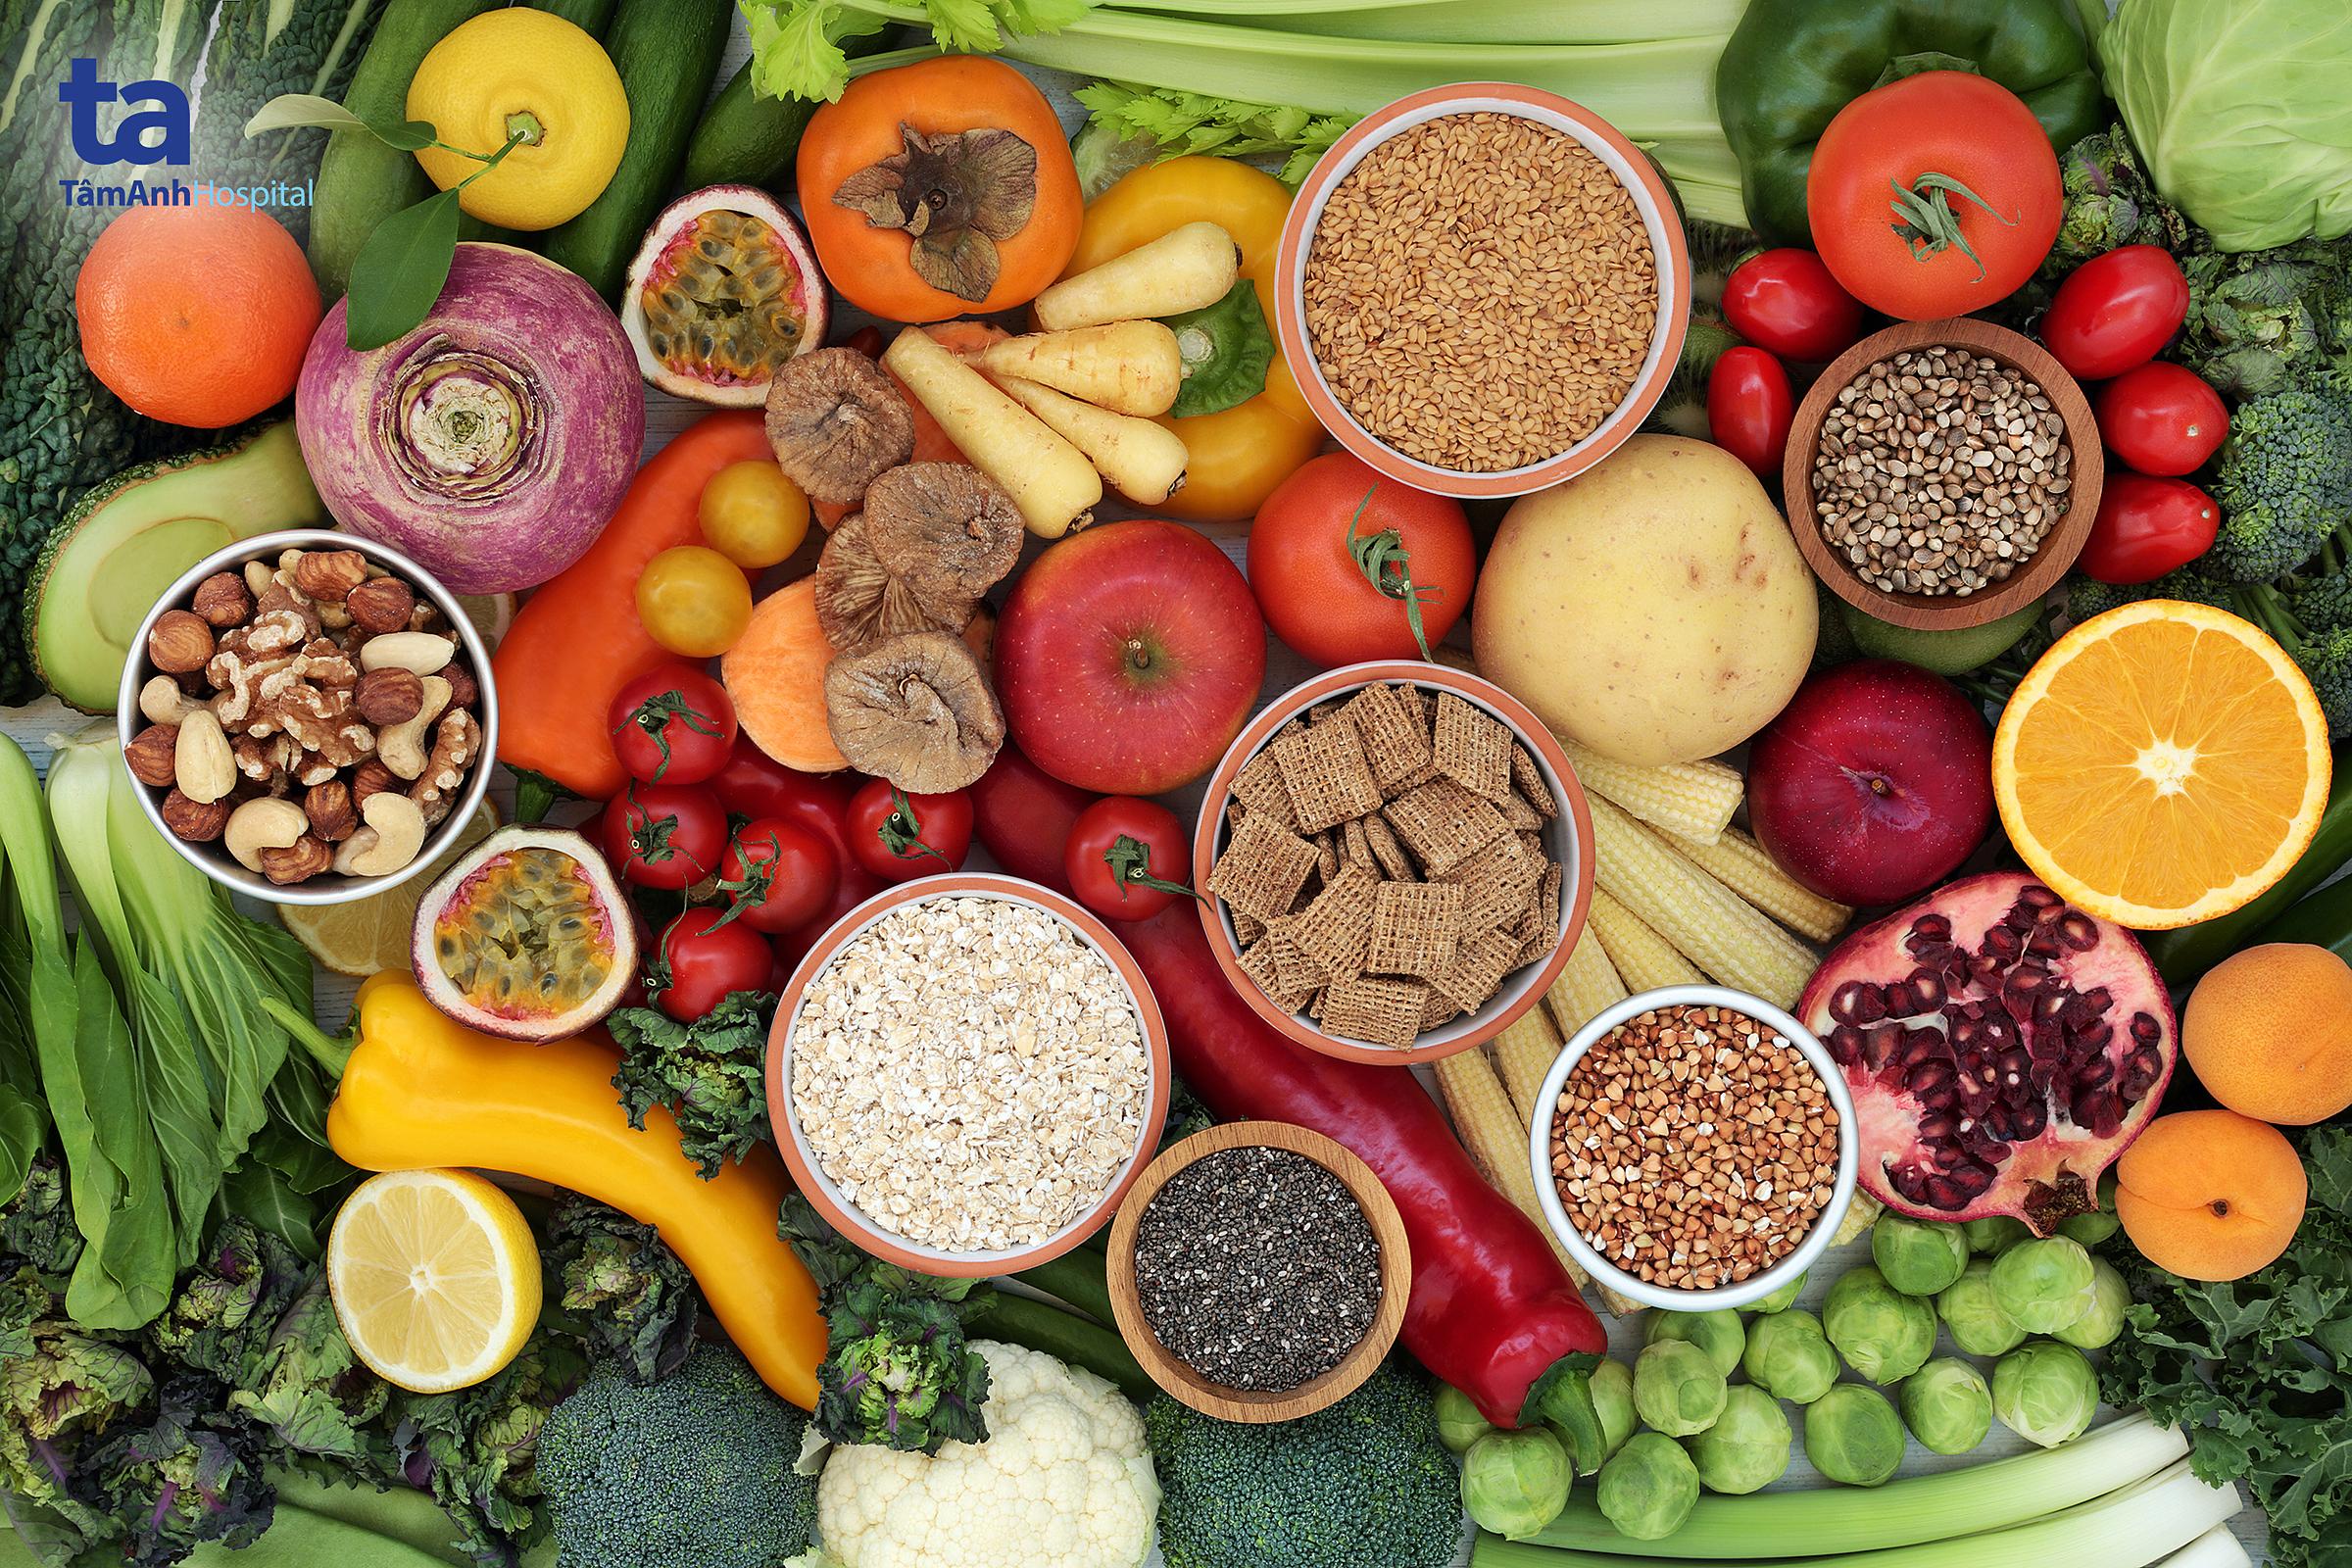 Chế độ dinh dưỡng khoa học, cân bằng nhóm chất giúp kiểm soát cân nặng cũng như hạn chế nguy cơ tăng huyết áp.